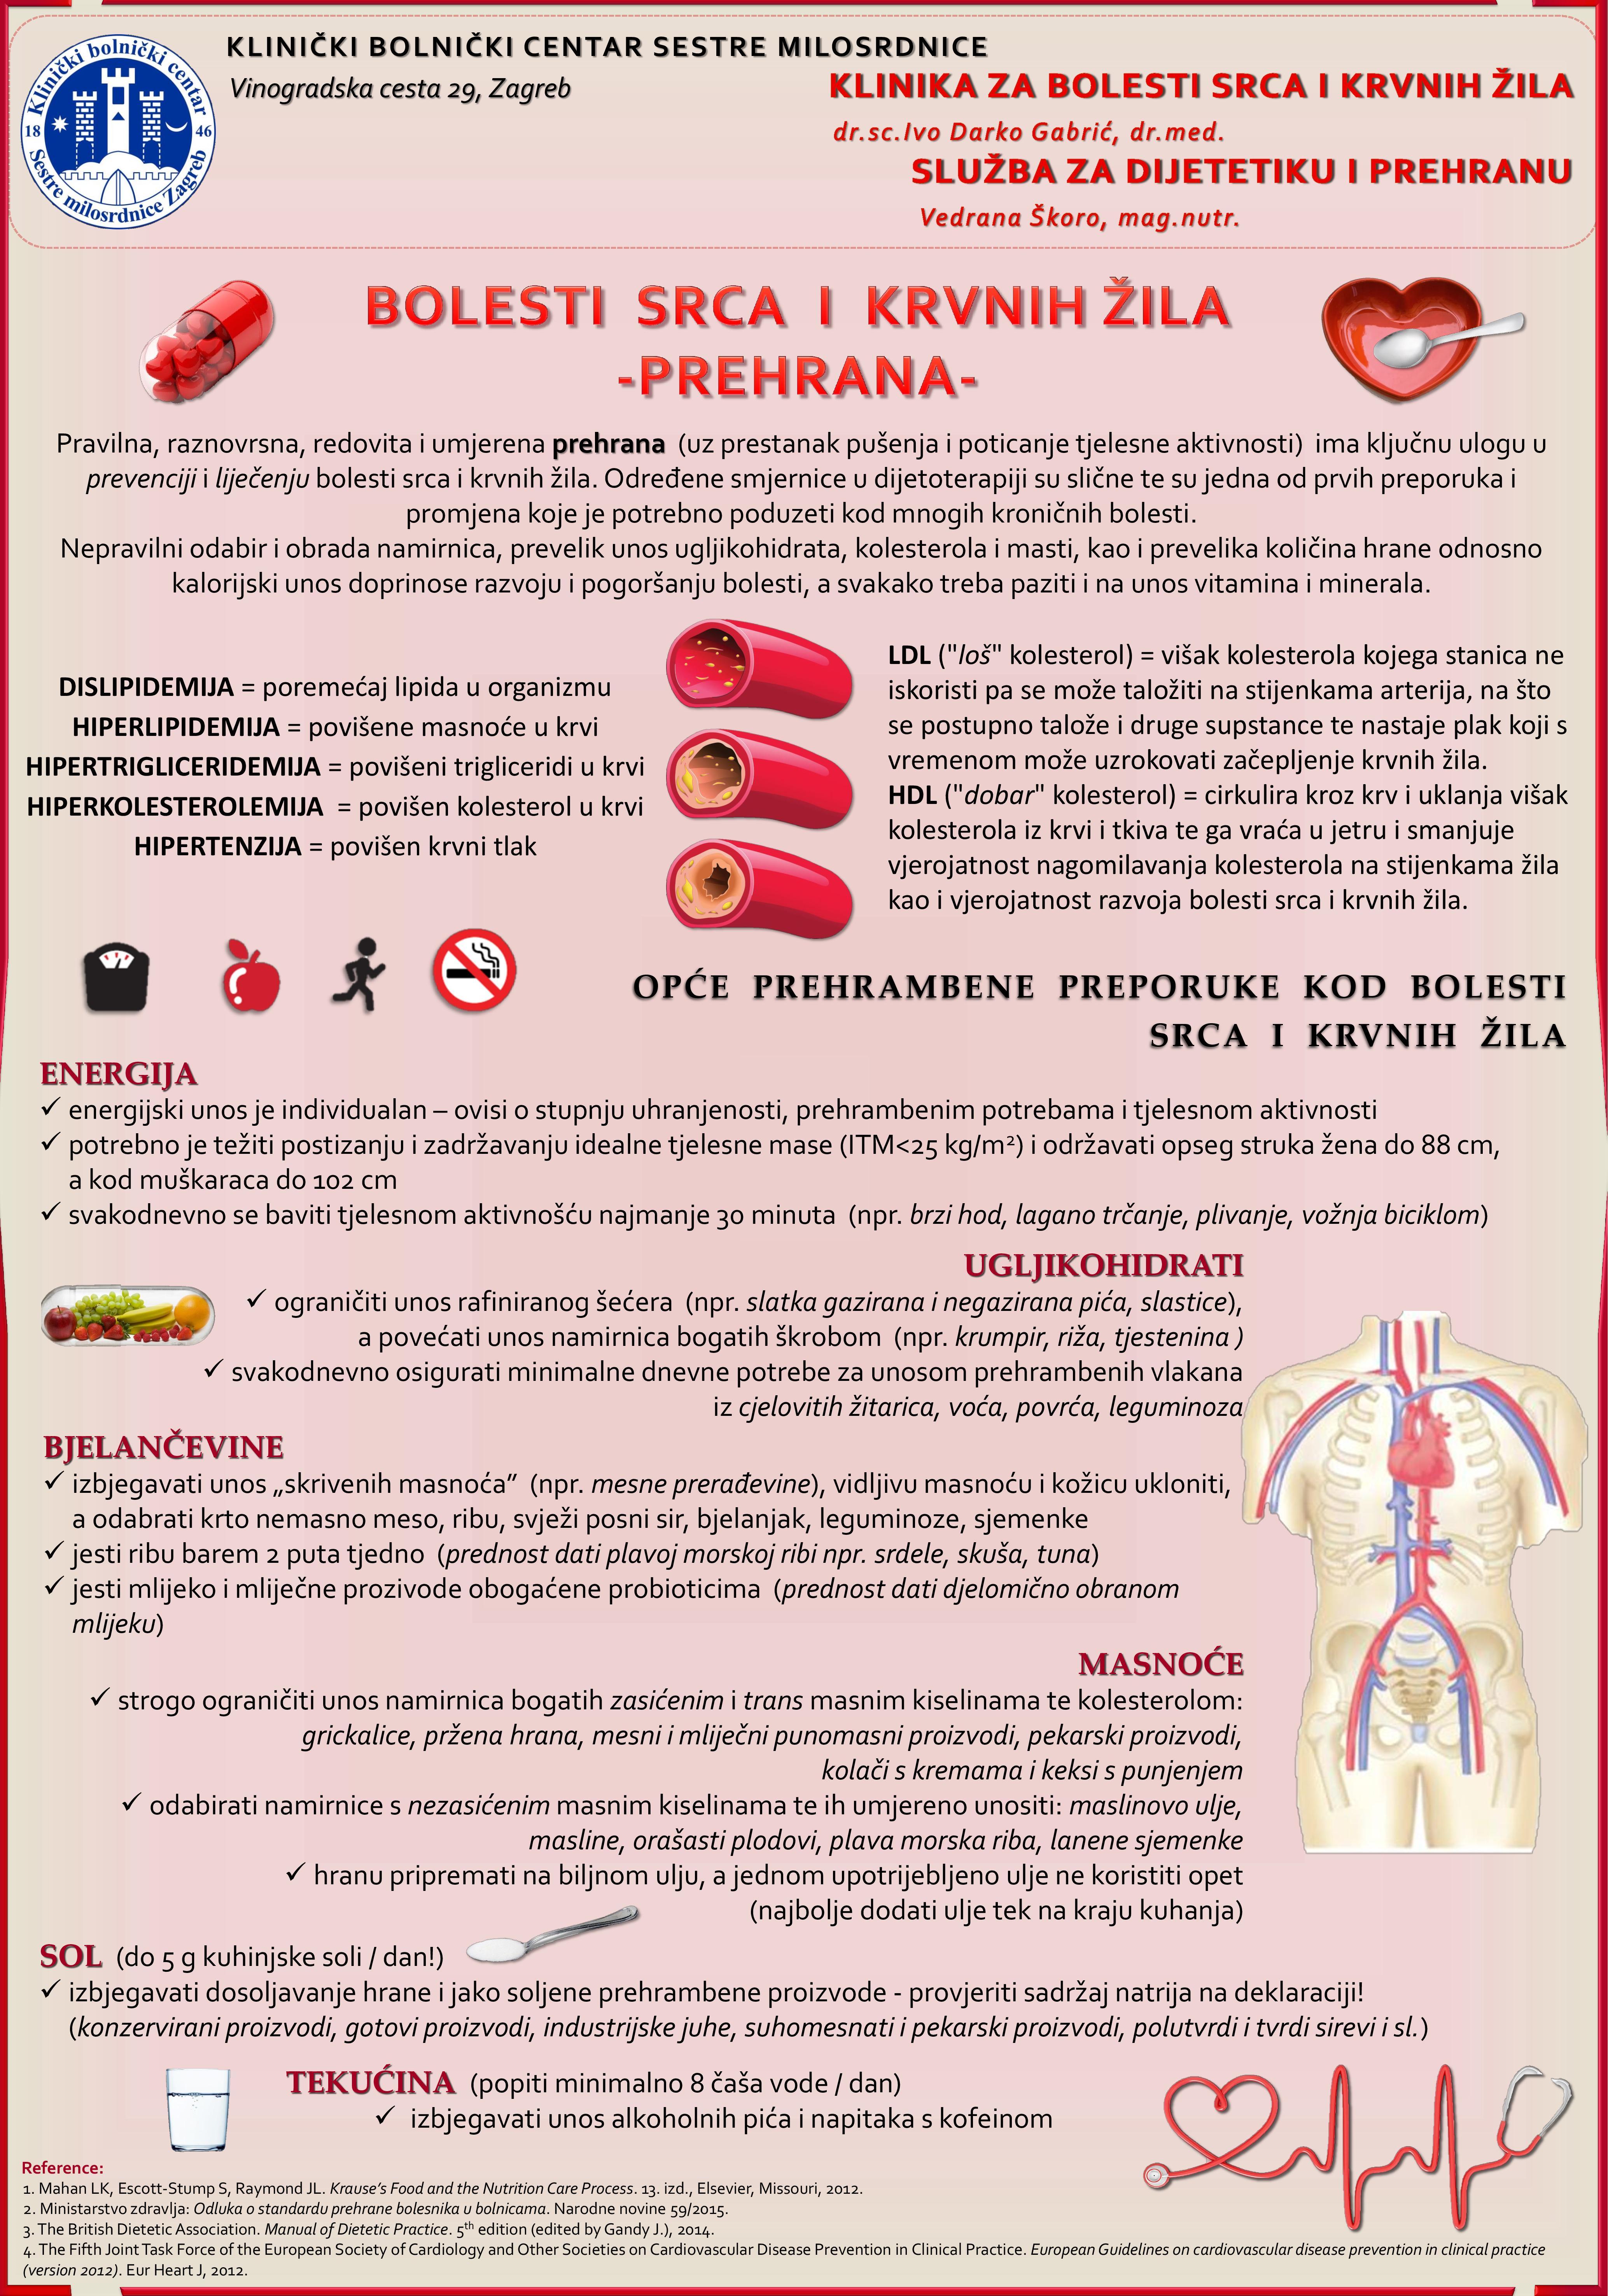 hipertenzija ono dijeta